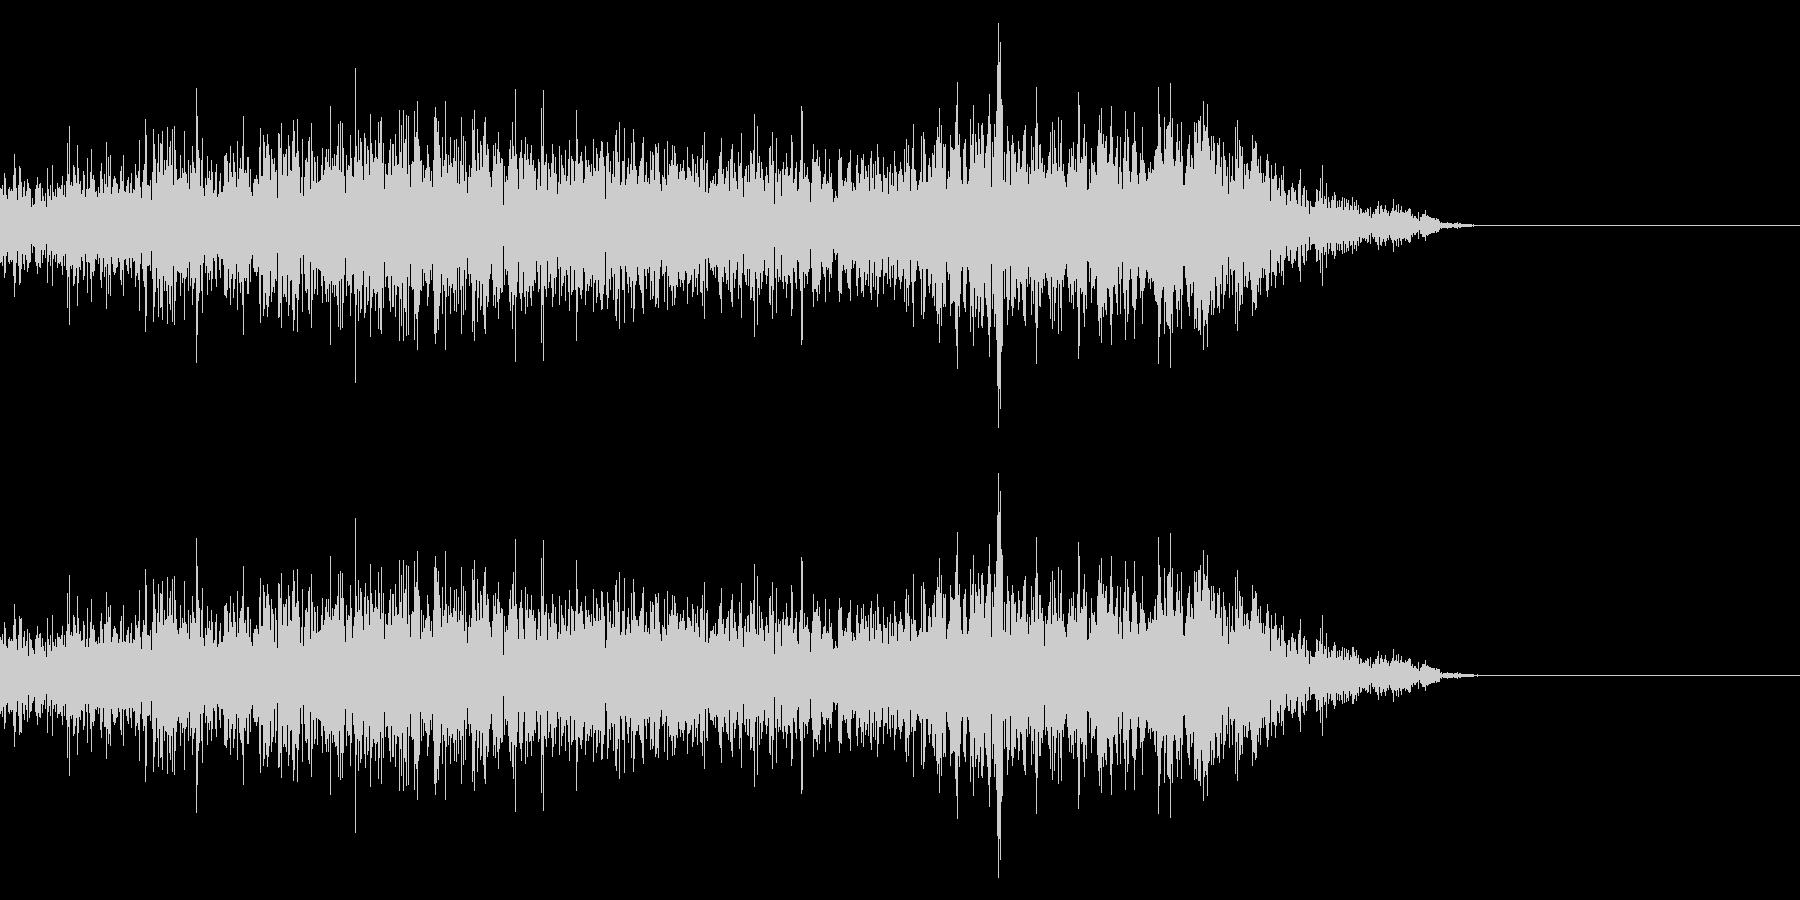 若干SFじみた音 高音域が目立つの未再生の波形